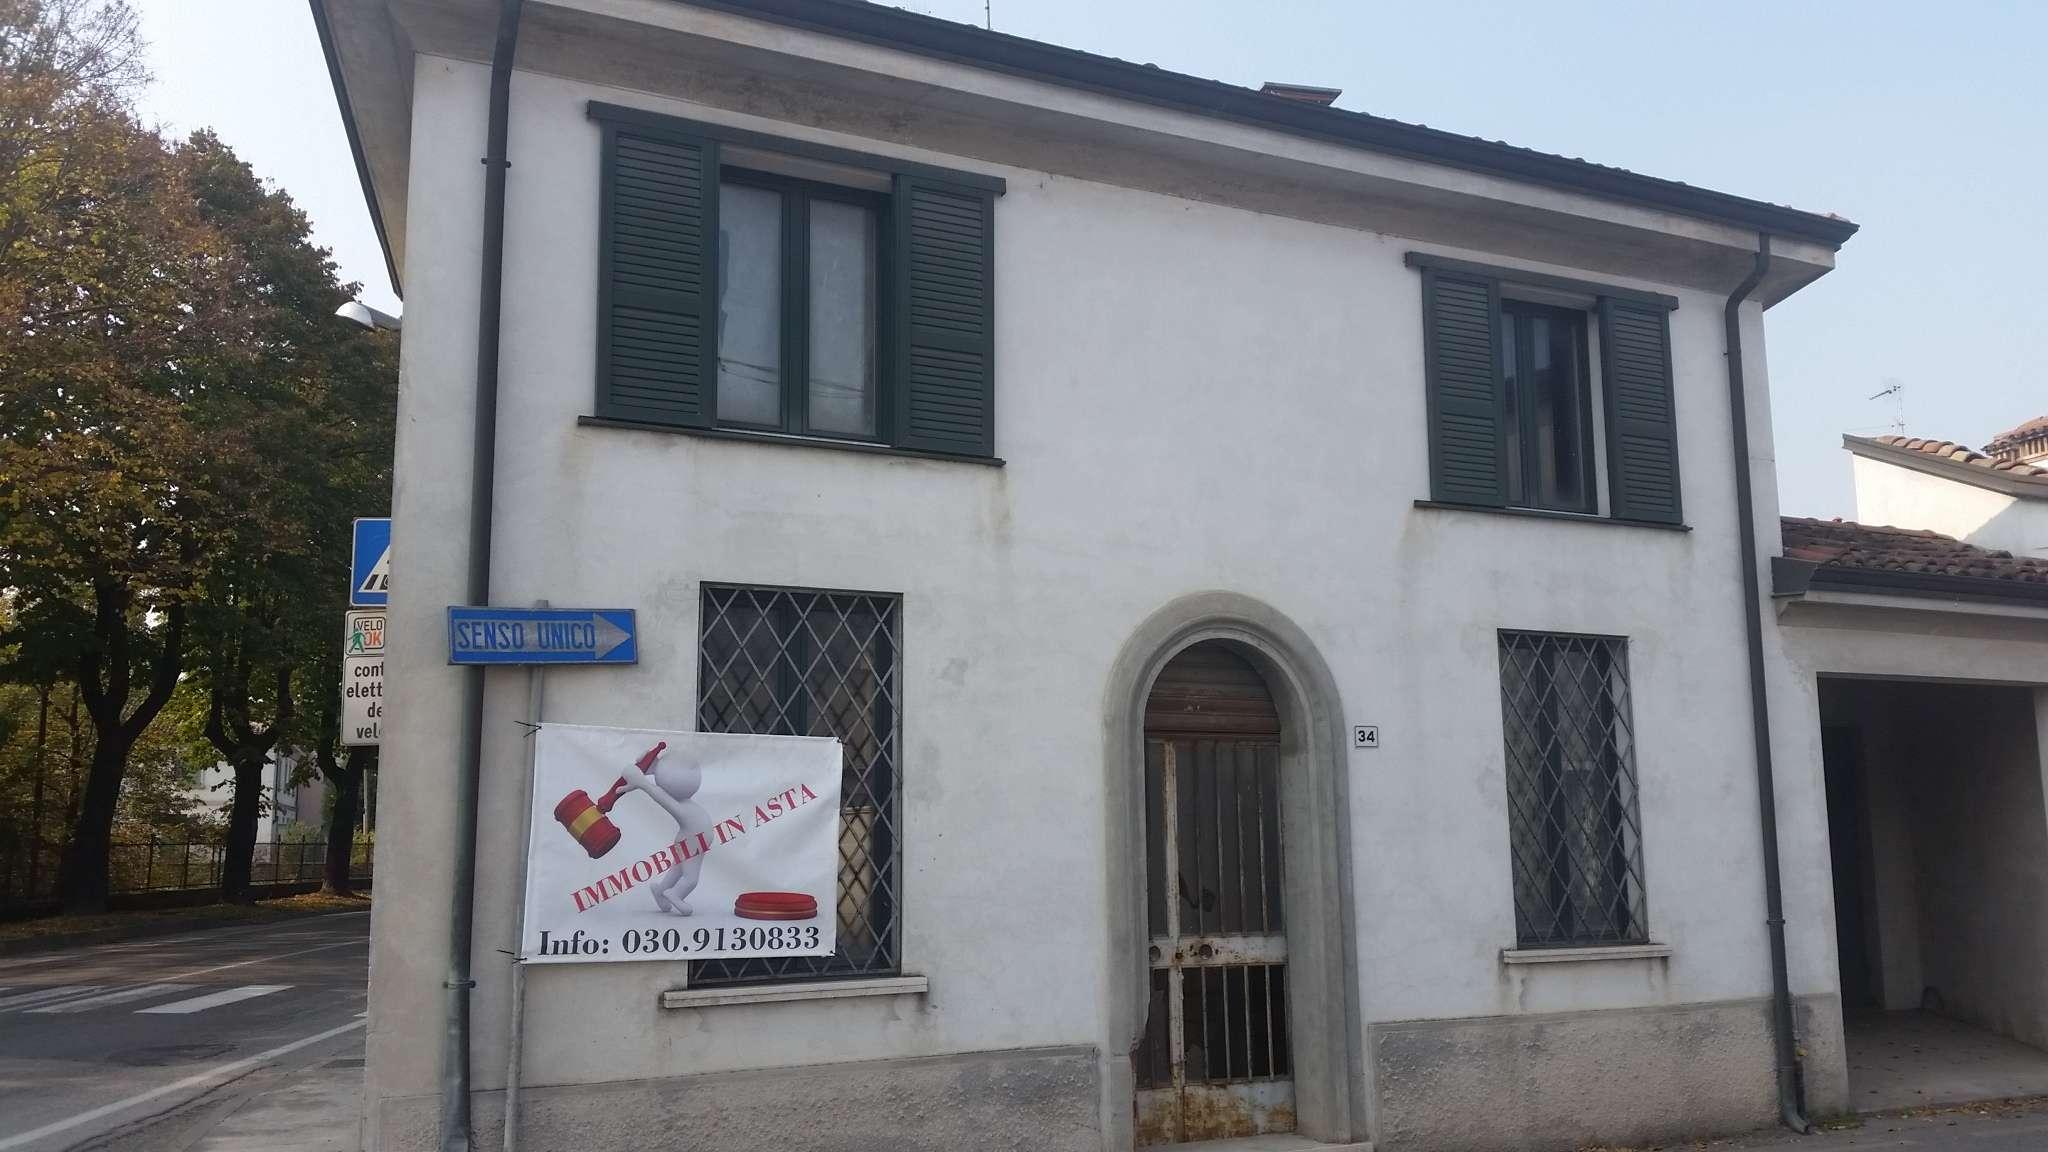 Soluzione Indipendente in vendita a Casalmaggiore, 5 locali, prezzo € 46.800 | CambioCasa.it